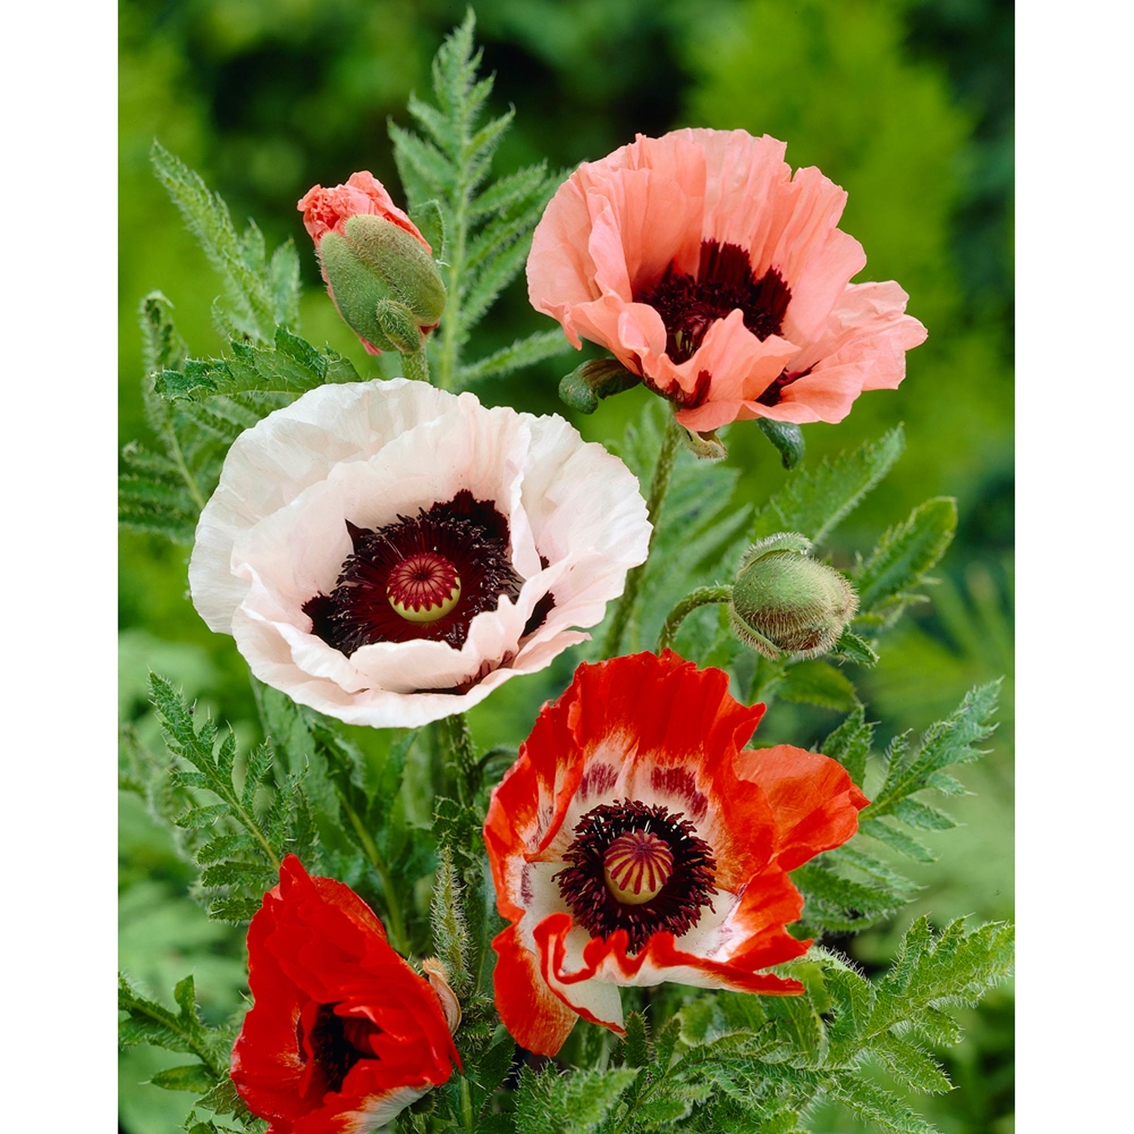 Van Zyverden Poppies Mixed Roots 5 Ct Garden Plants Flowers